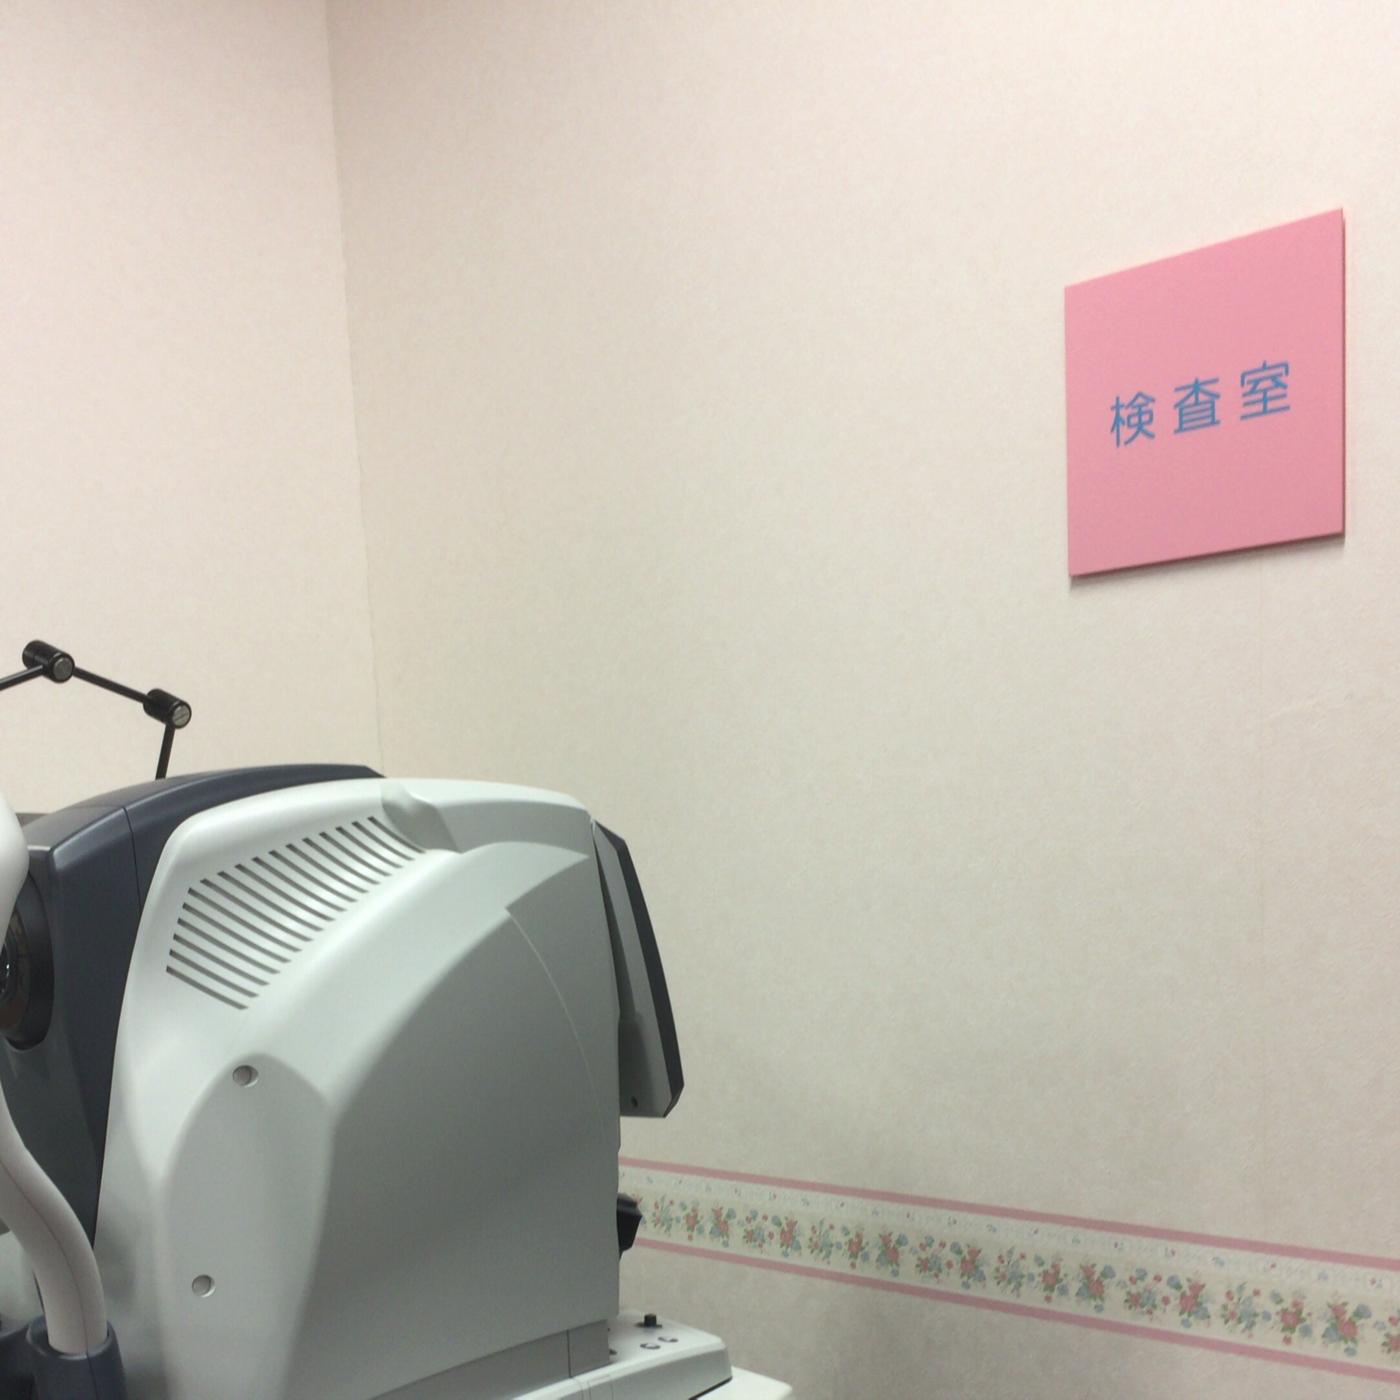 緑内障や加齢黄斑変性など。眼の老化を感じ始めたので眼の健康診断検査をしてきました。